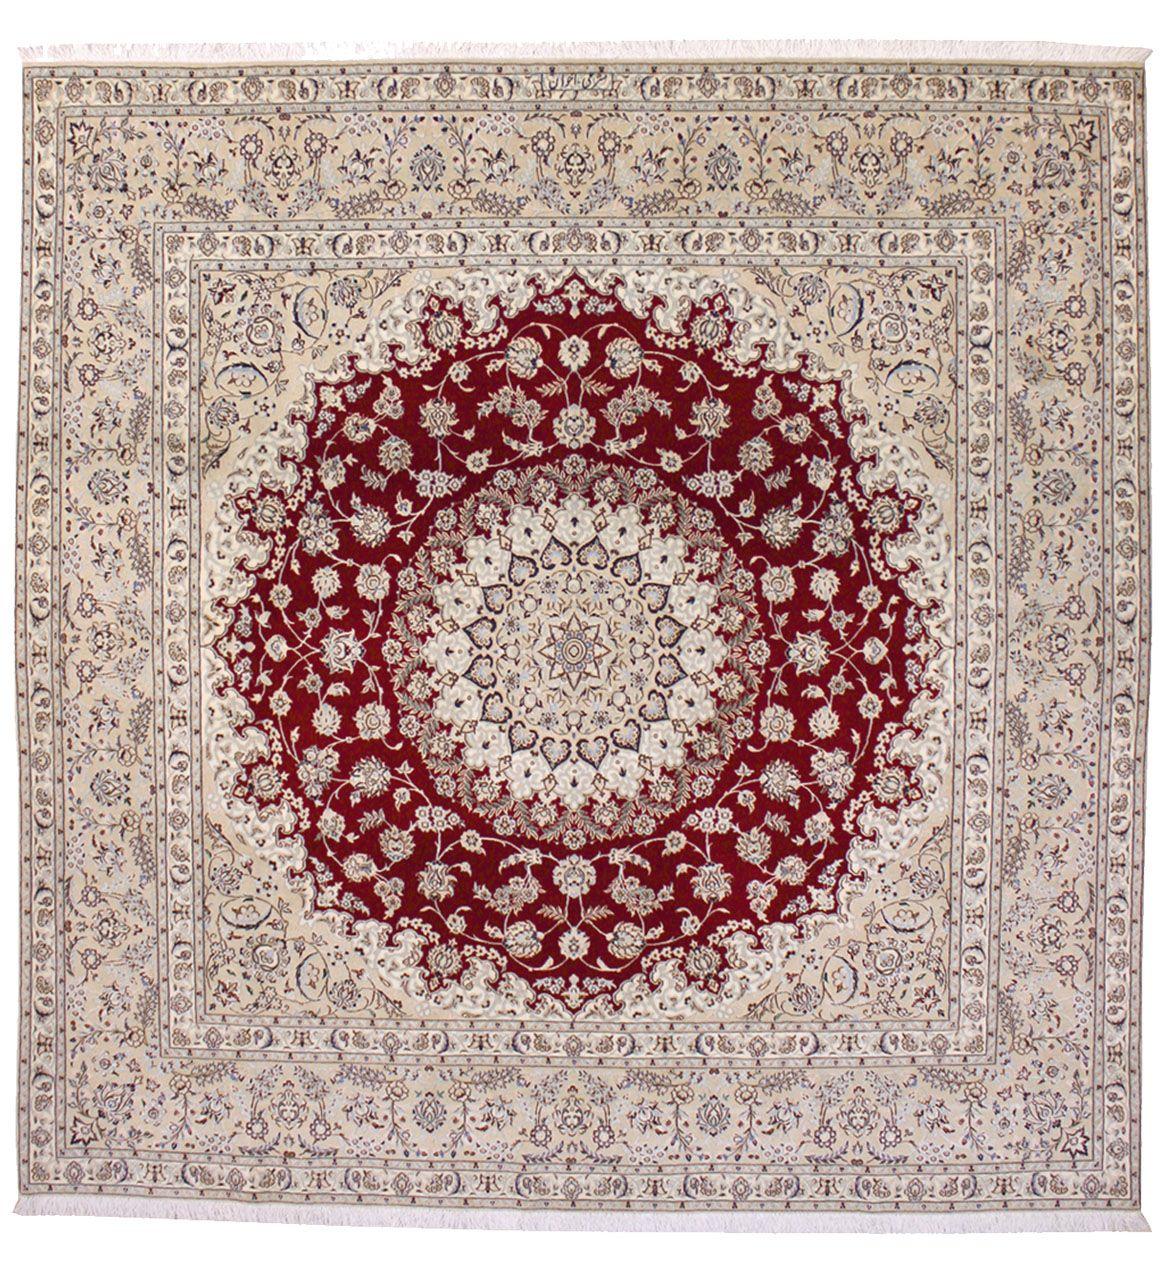 Royal Carpet Tappeti, Tappeti persiani, Tappeto persiano